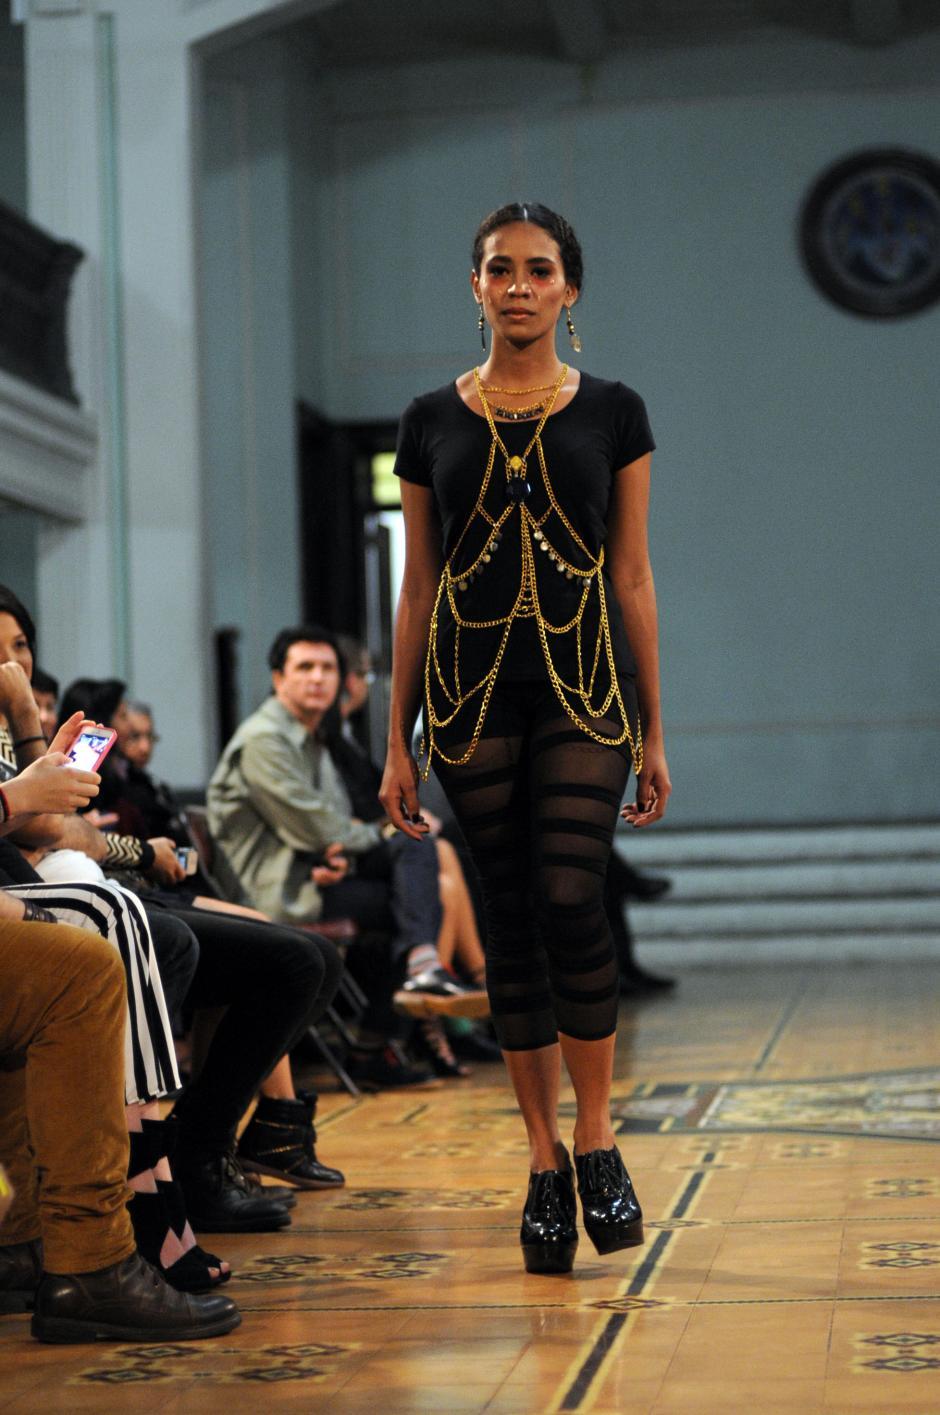 La joyería es cien por ciento guatemalteca.